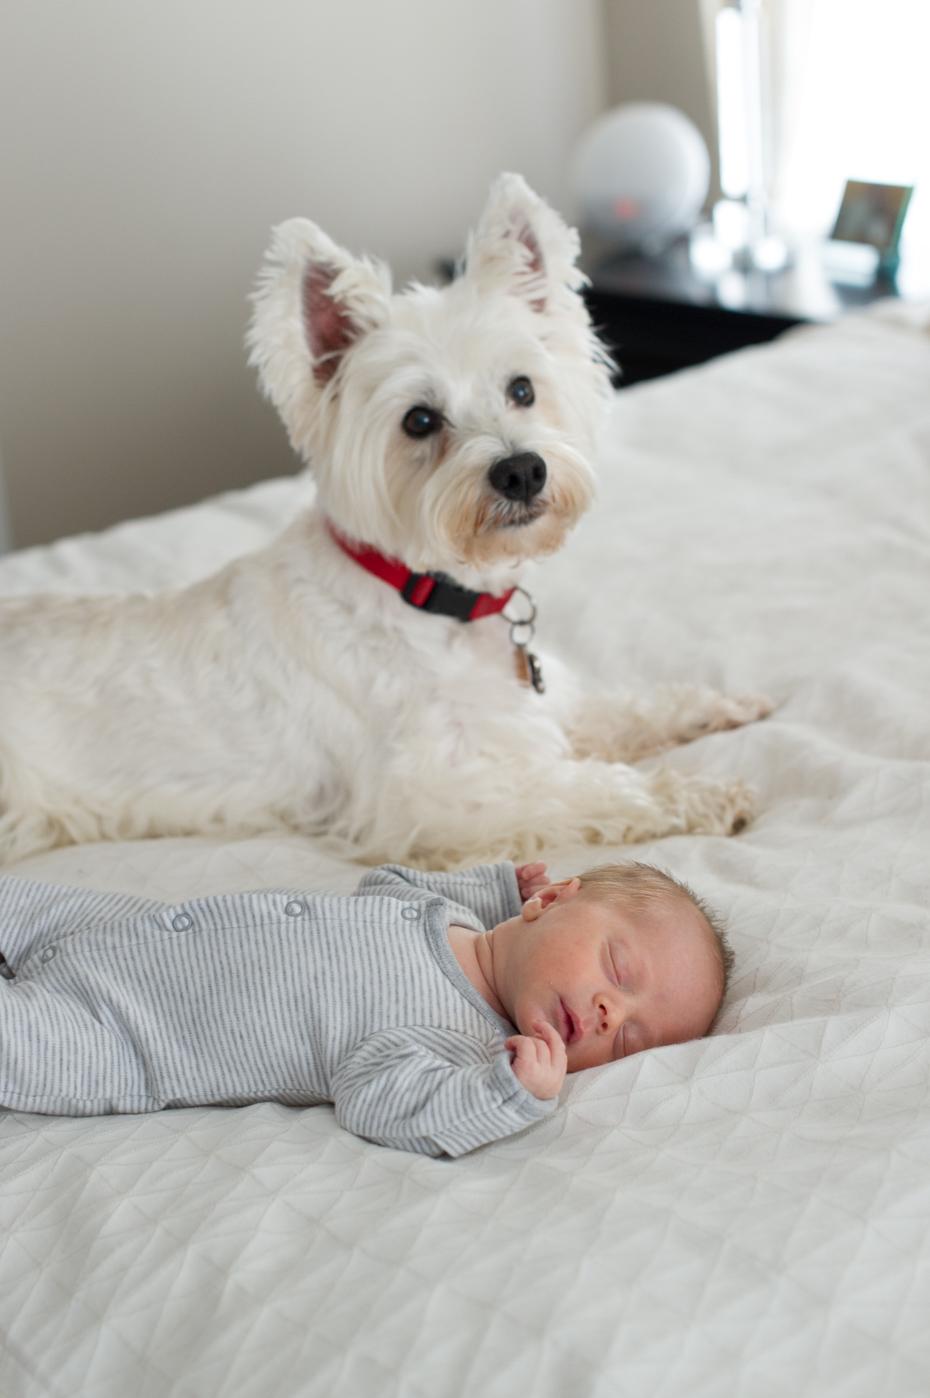 Dog and newborn baby